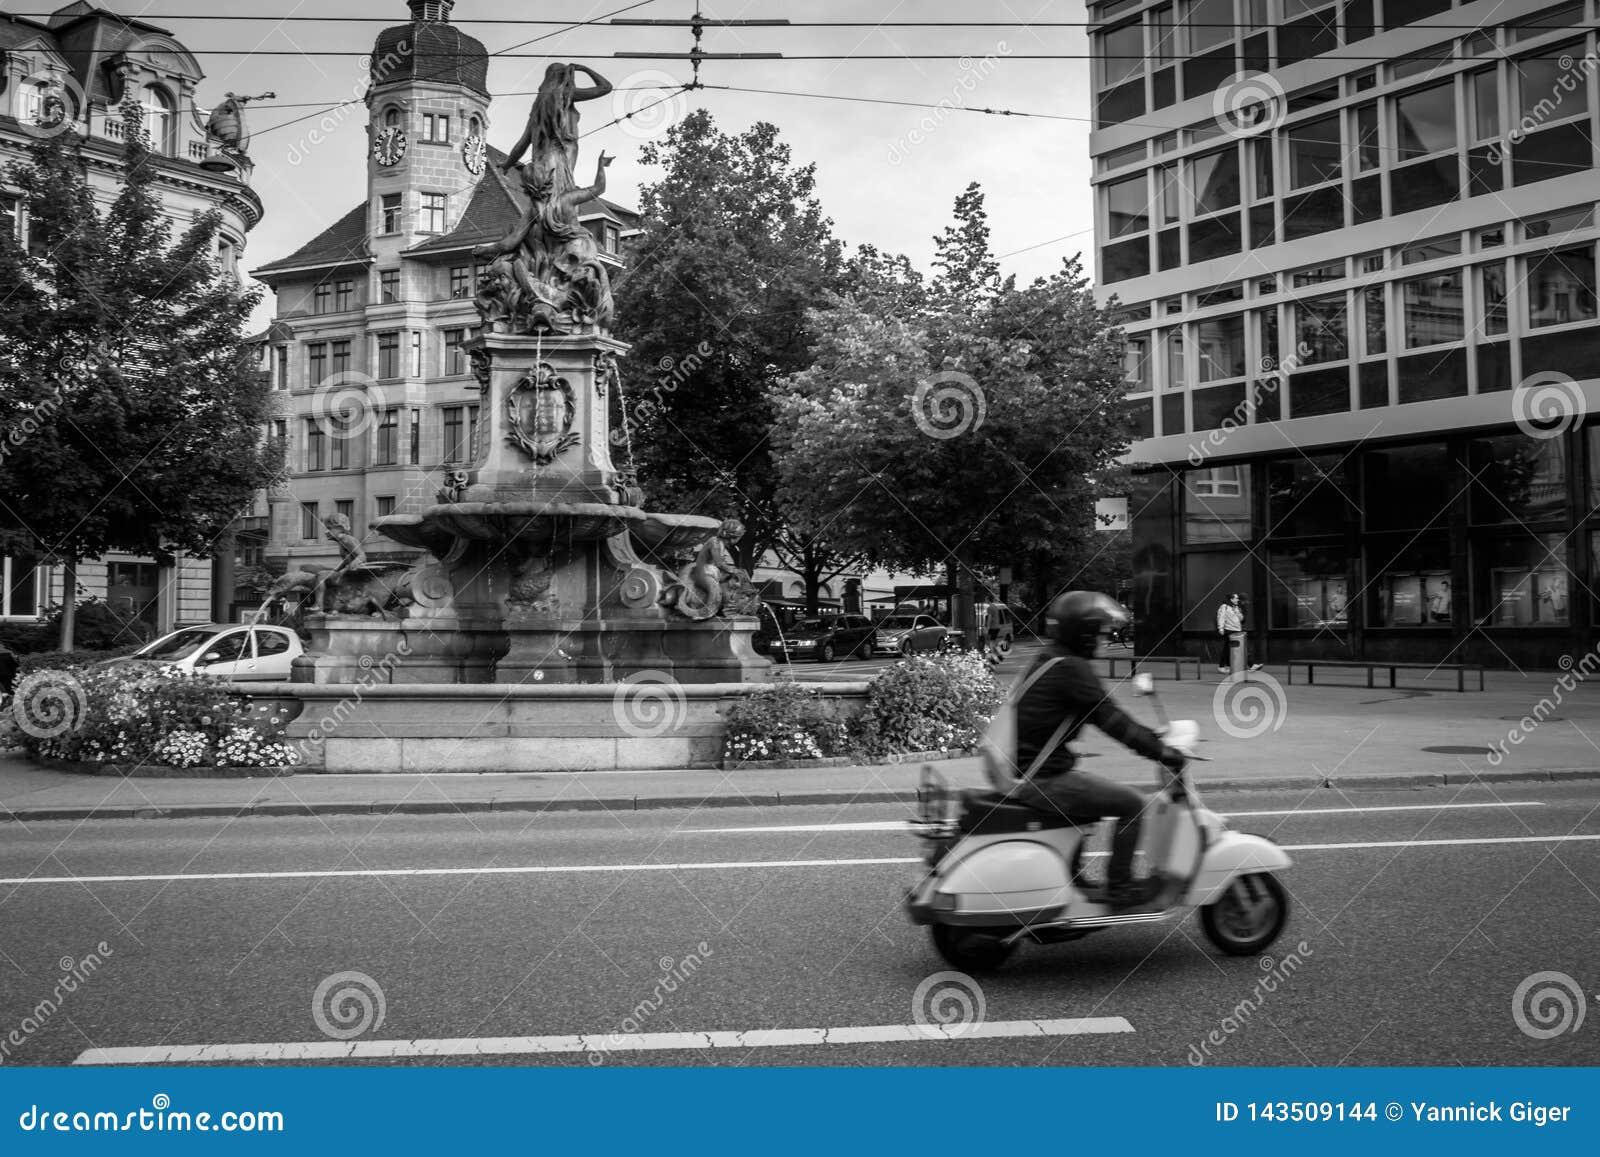 Скутер перед фонтаном в St Gallen, Швейцарии